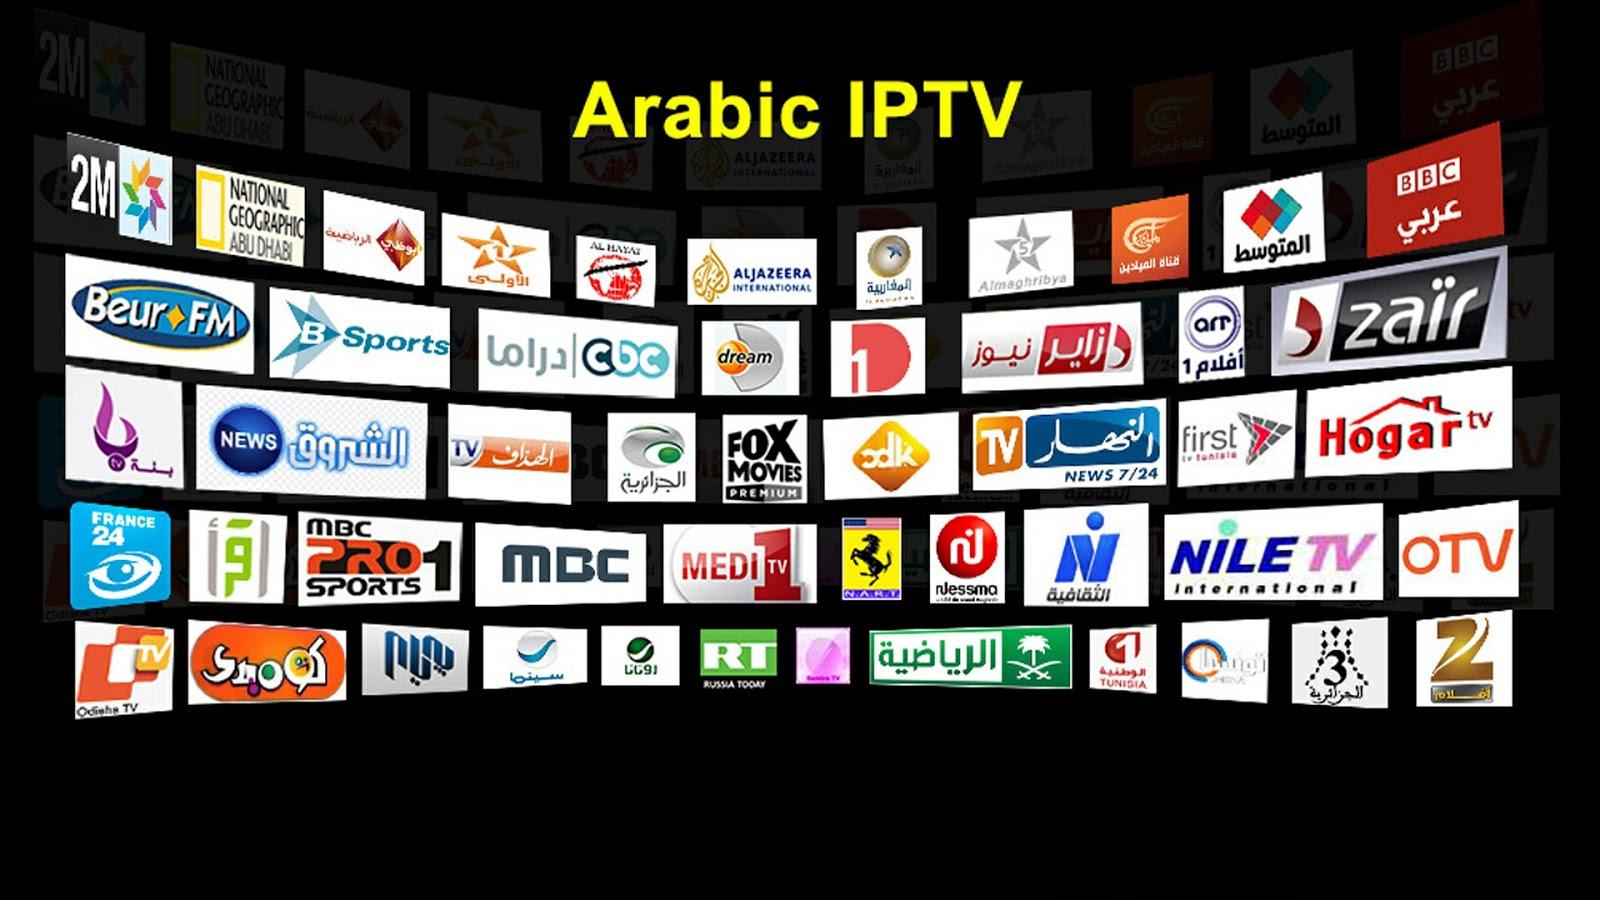 Roku 2 arabic channels